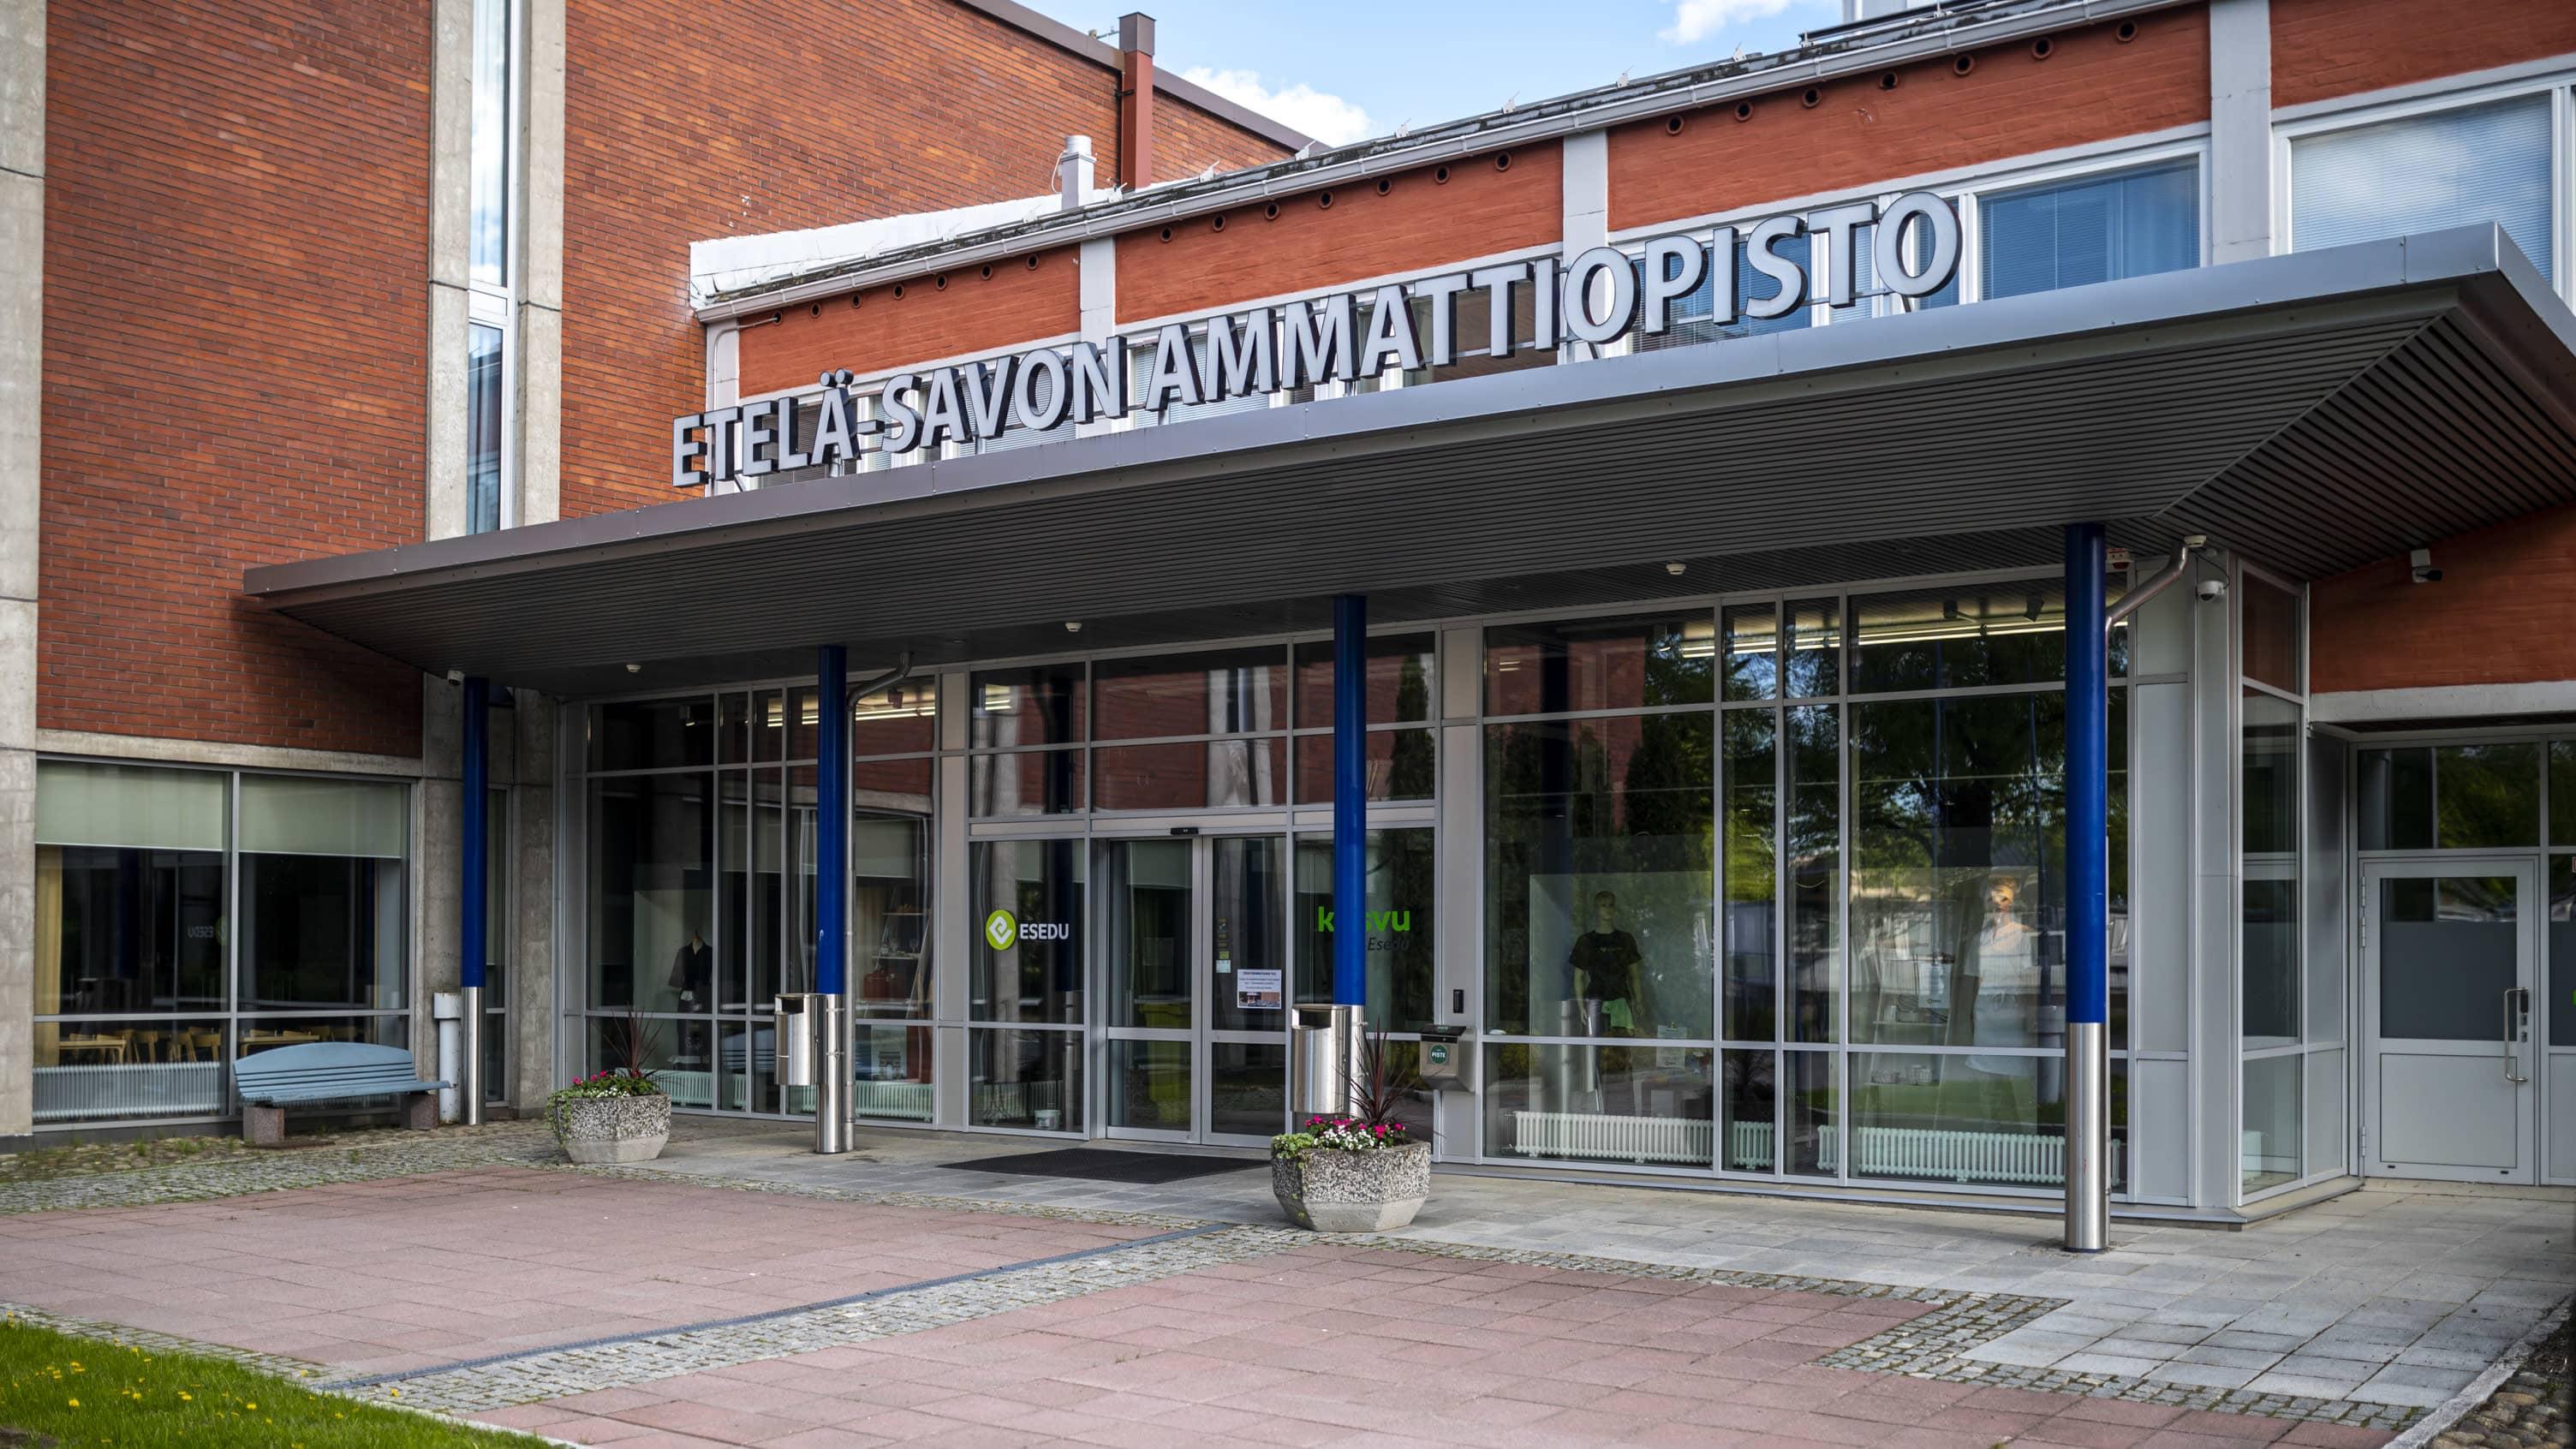 Etelä-Savon ammattiopiston toimipiste Otavankadulla